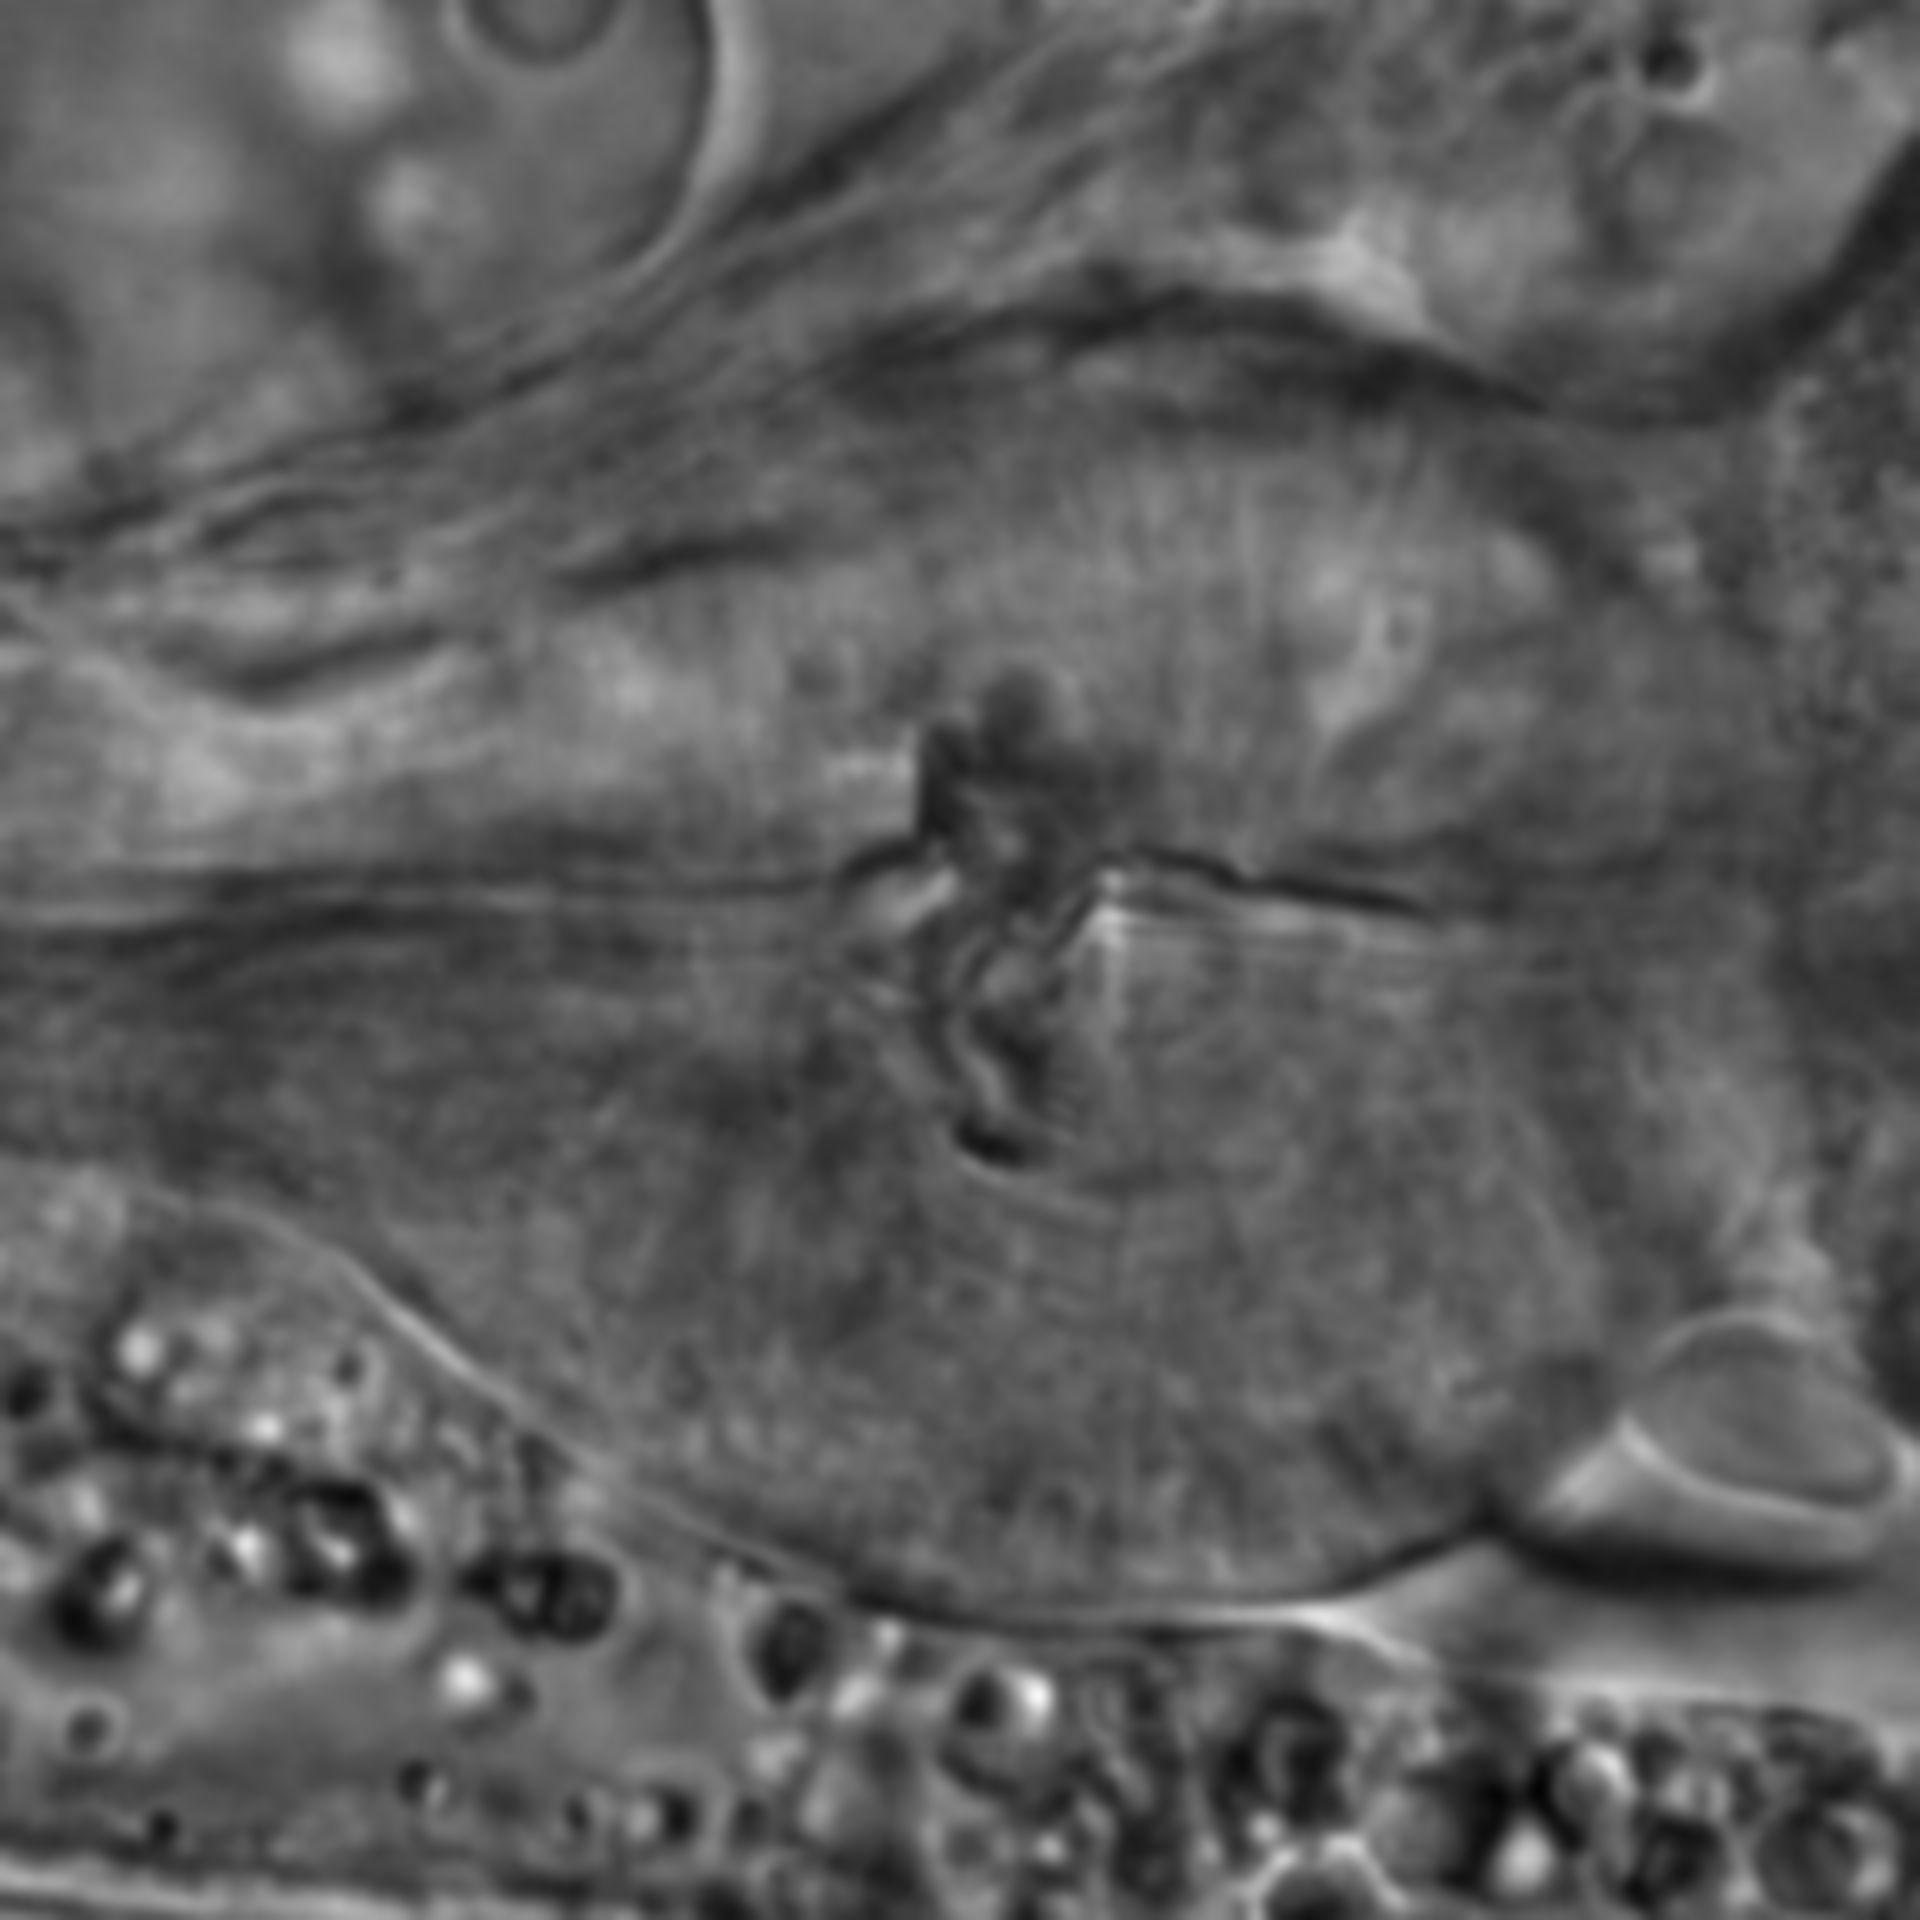 Caenorhabditis elegans - CIL:1703